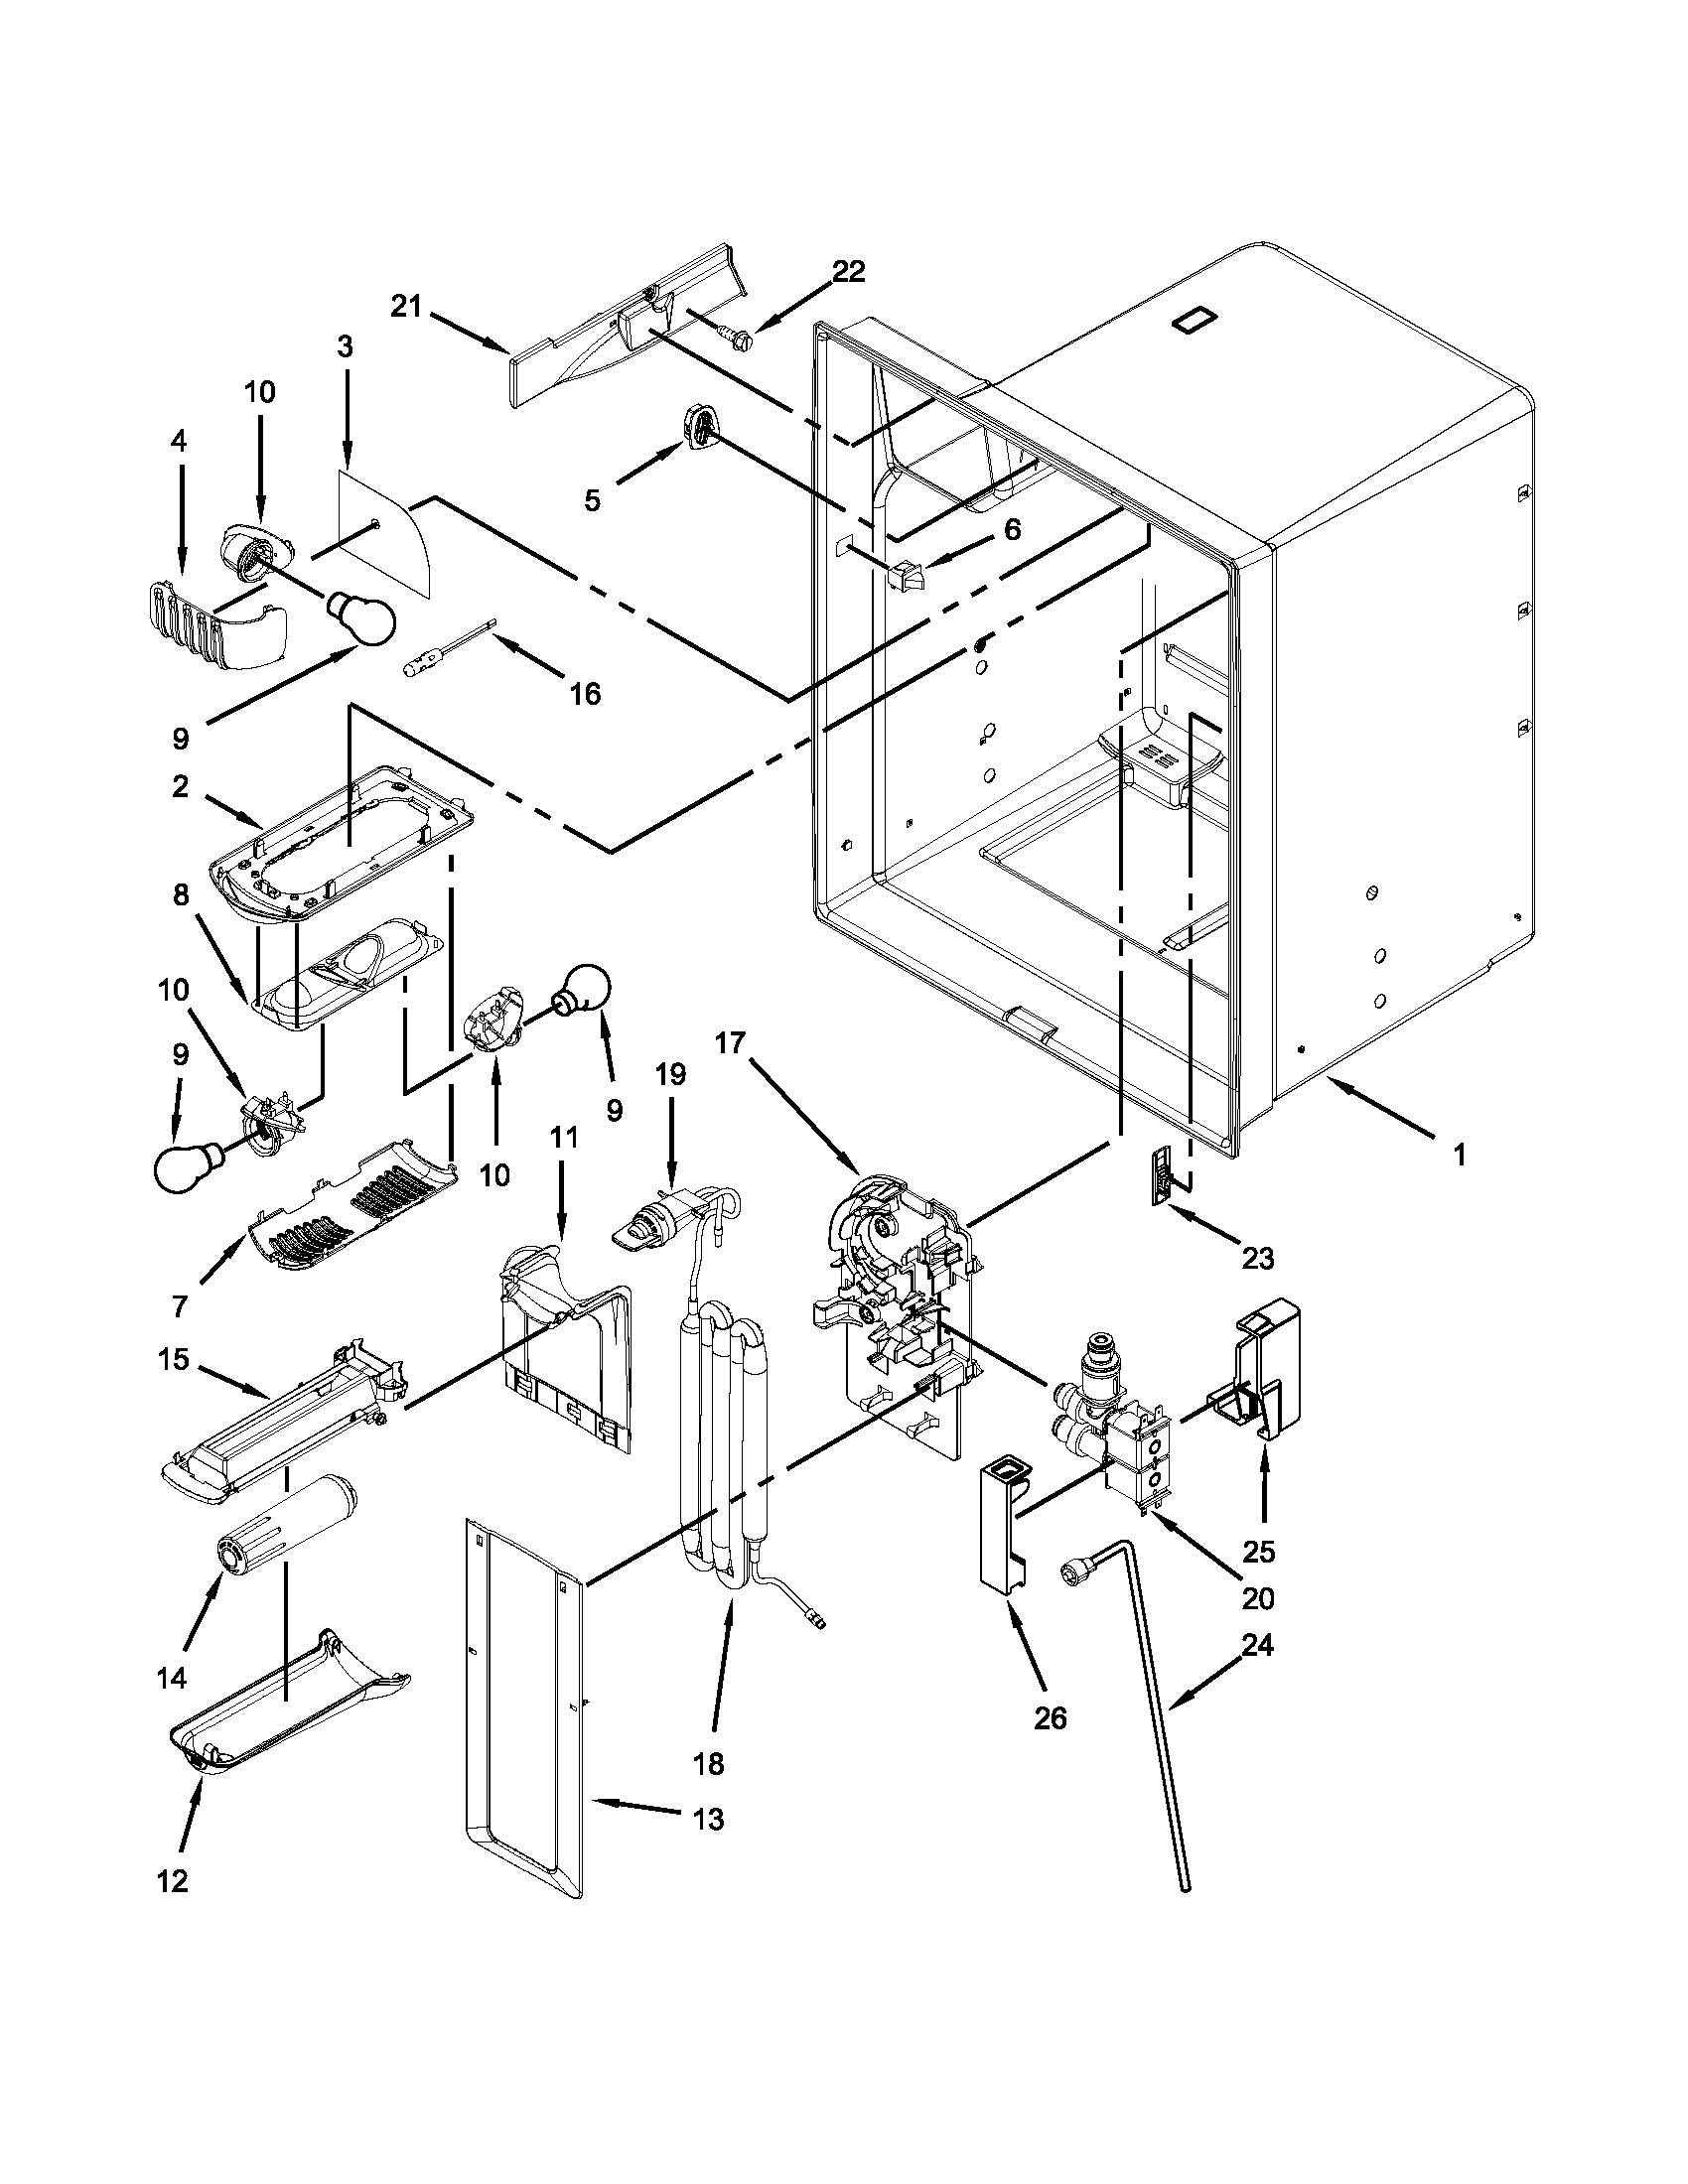 Maytag refrigerator mf12269vem10 wiring diagram wiring diagram